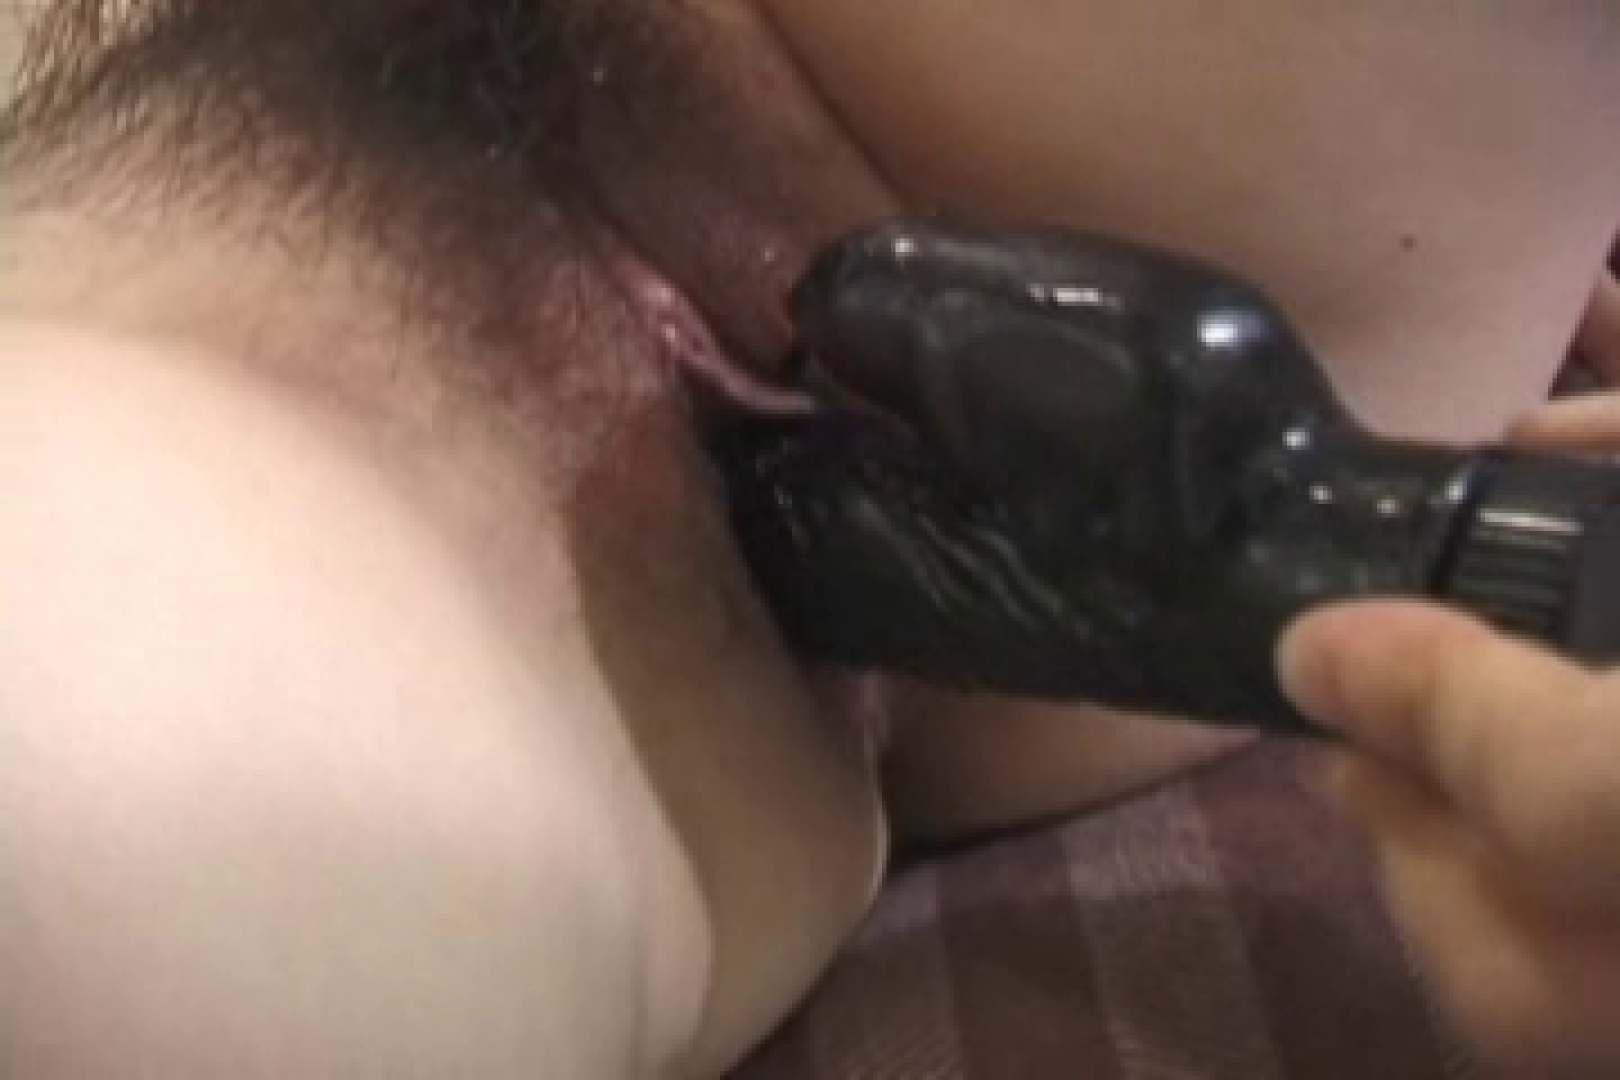 素人嬢126人のハメ撮り 斉藤由加 巨乳炸裂   エッチな素人  99枚 83